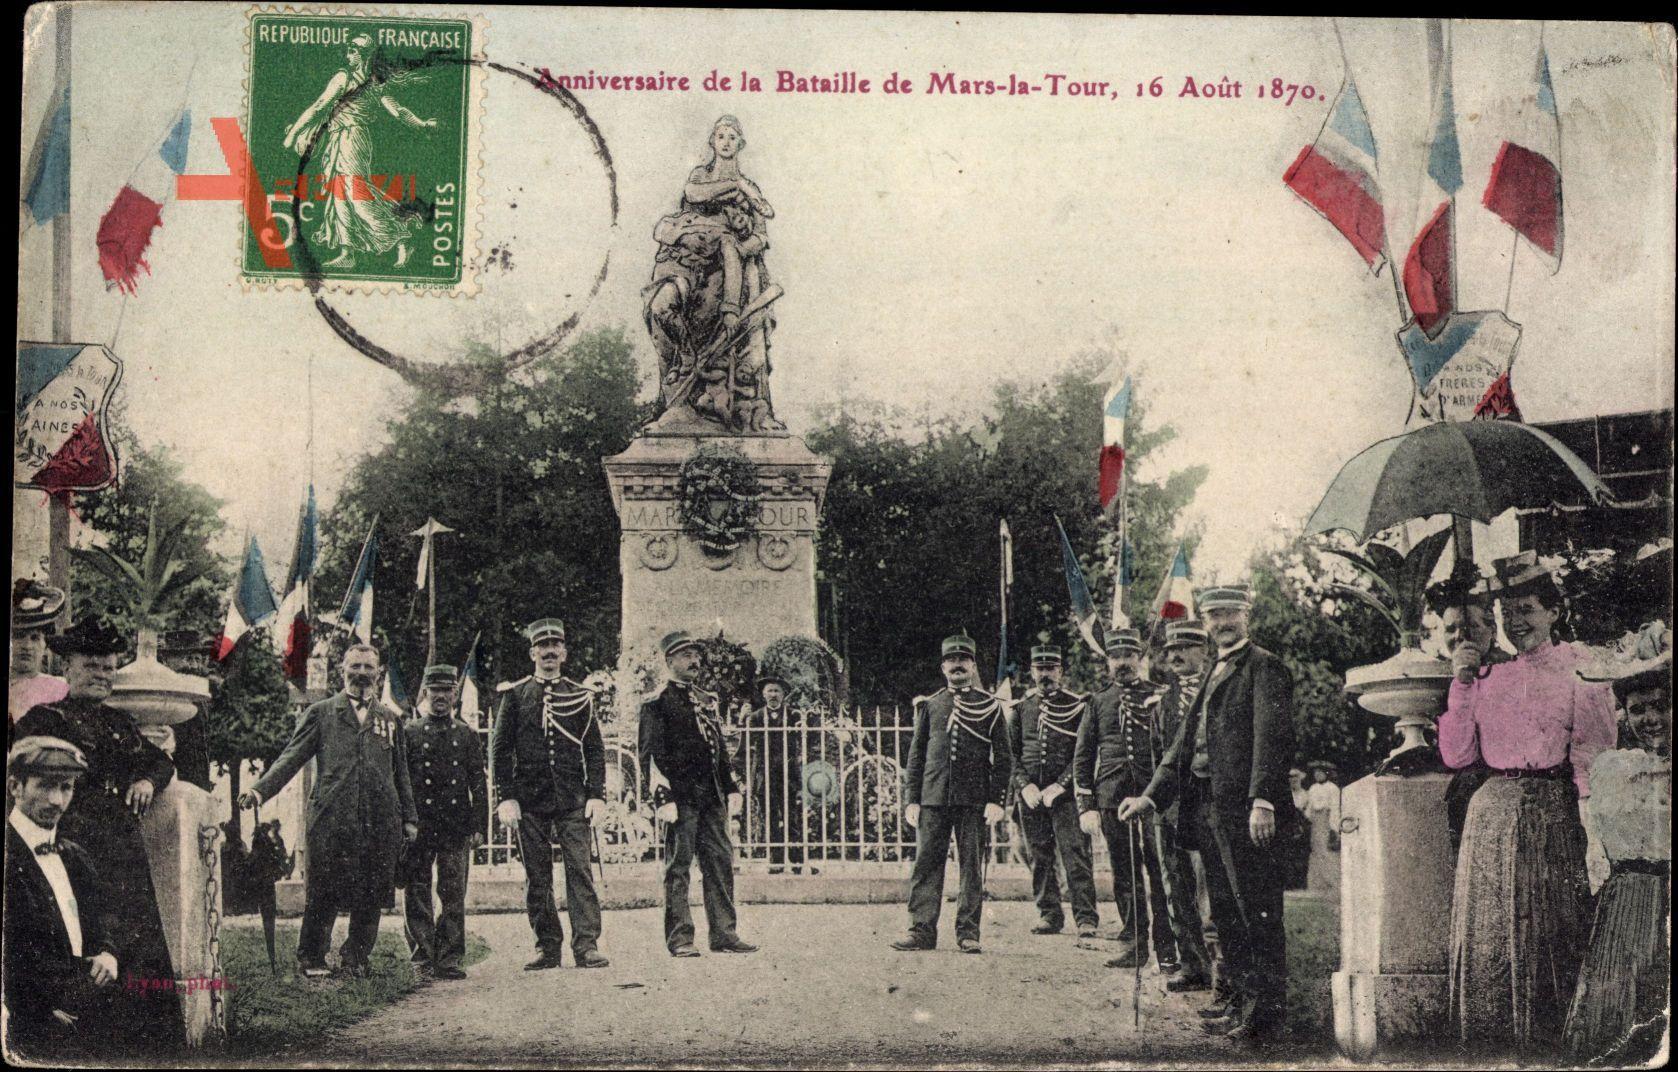 Mars la Tour Meurthe et Moselle, Anniversaire, 16 Août 1870